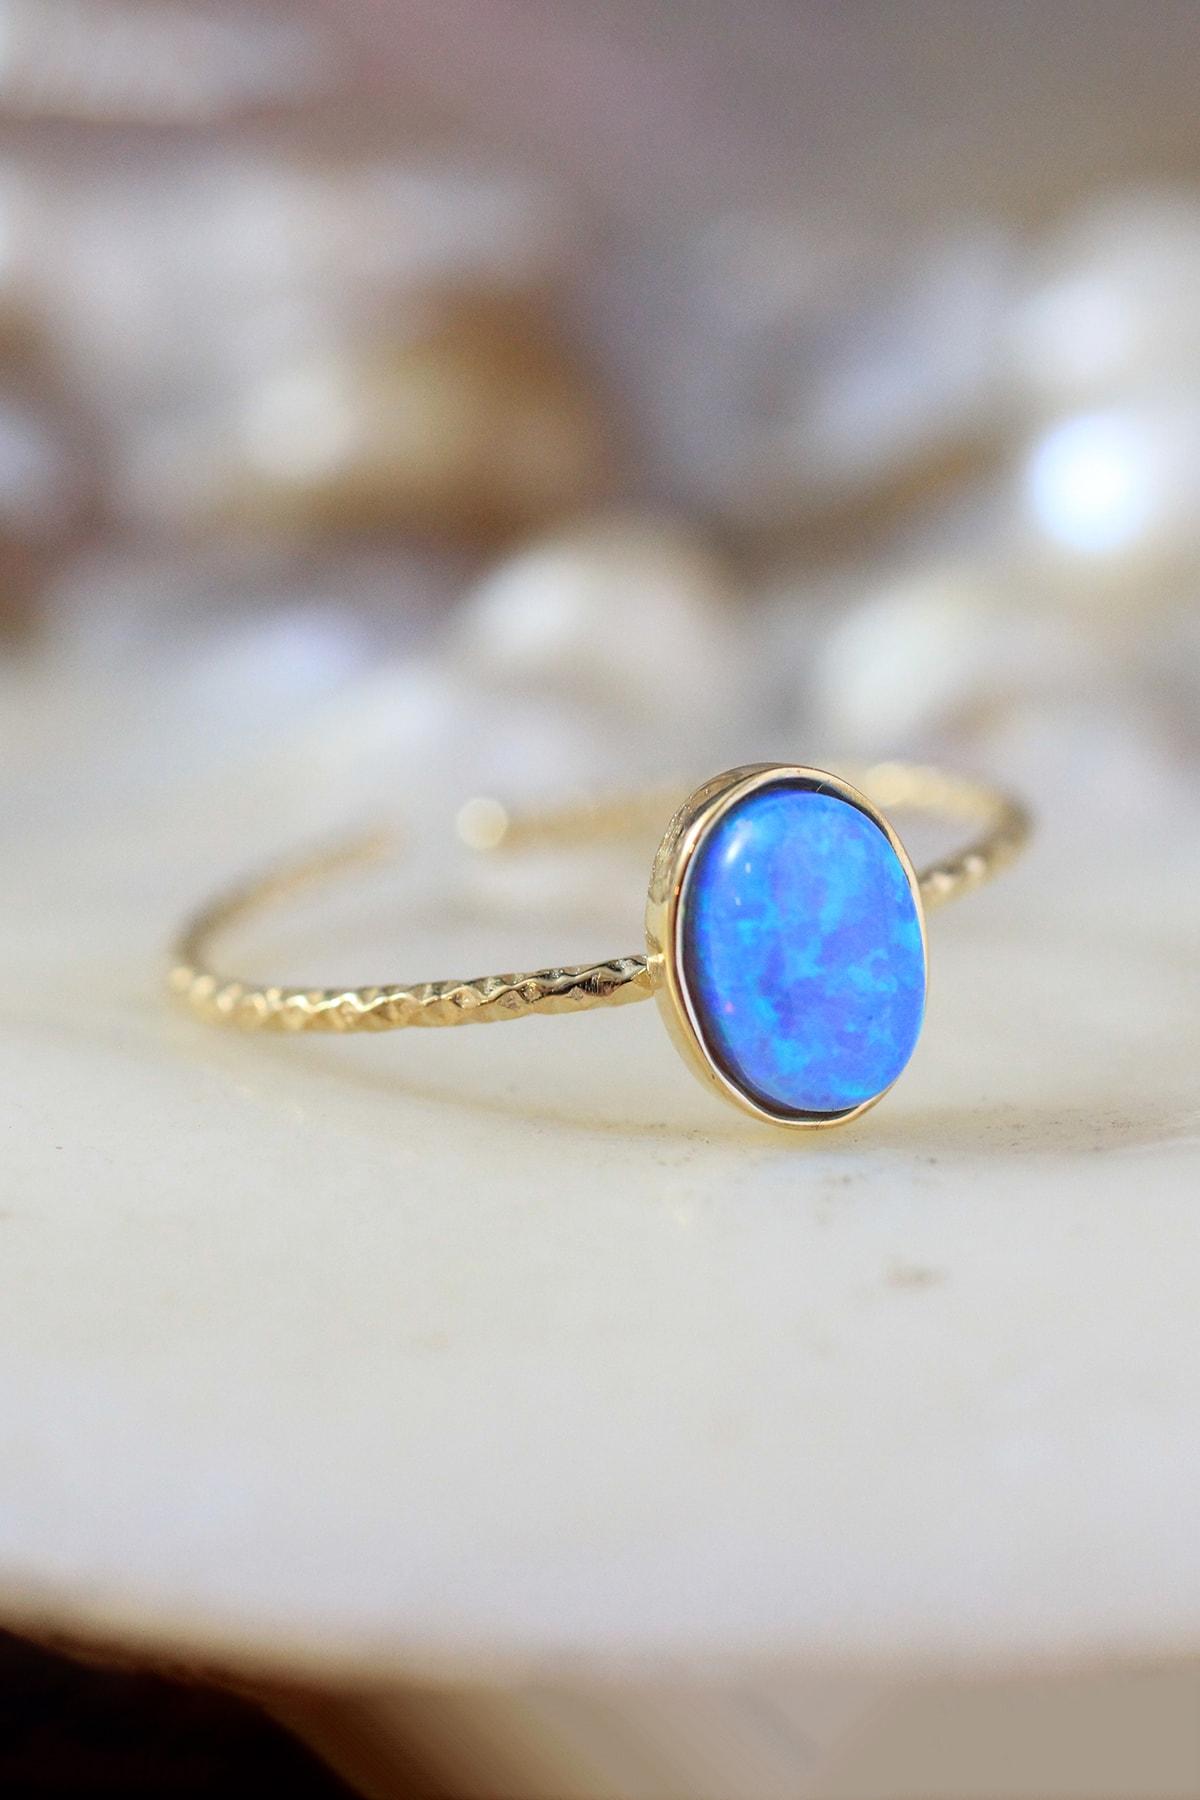 dalmarkt 925 Ayar Gümüş Üzeri Altın Kaplama Ayarlanabilir Açık Mavi Opal Taşlı Yüzük